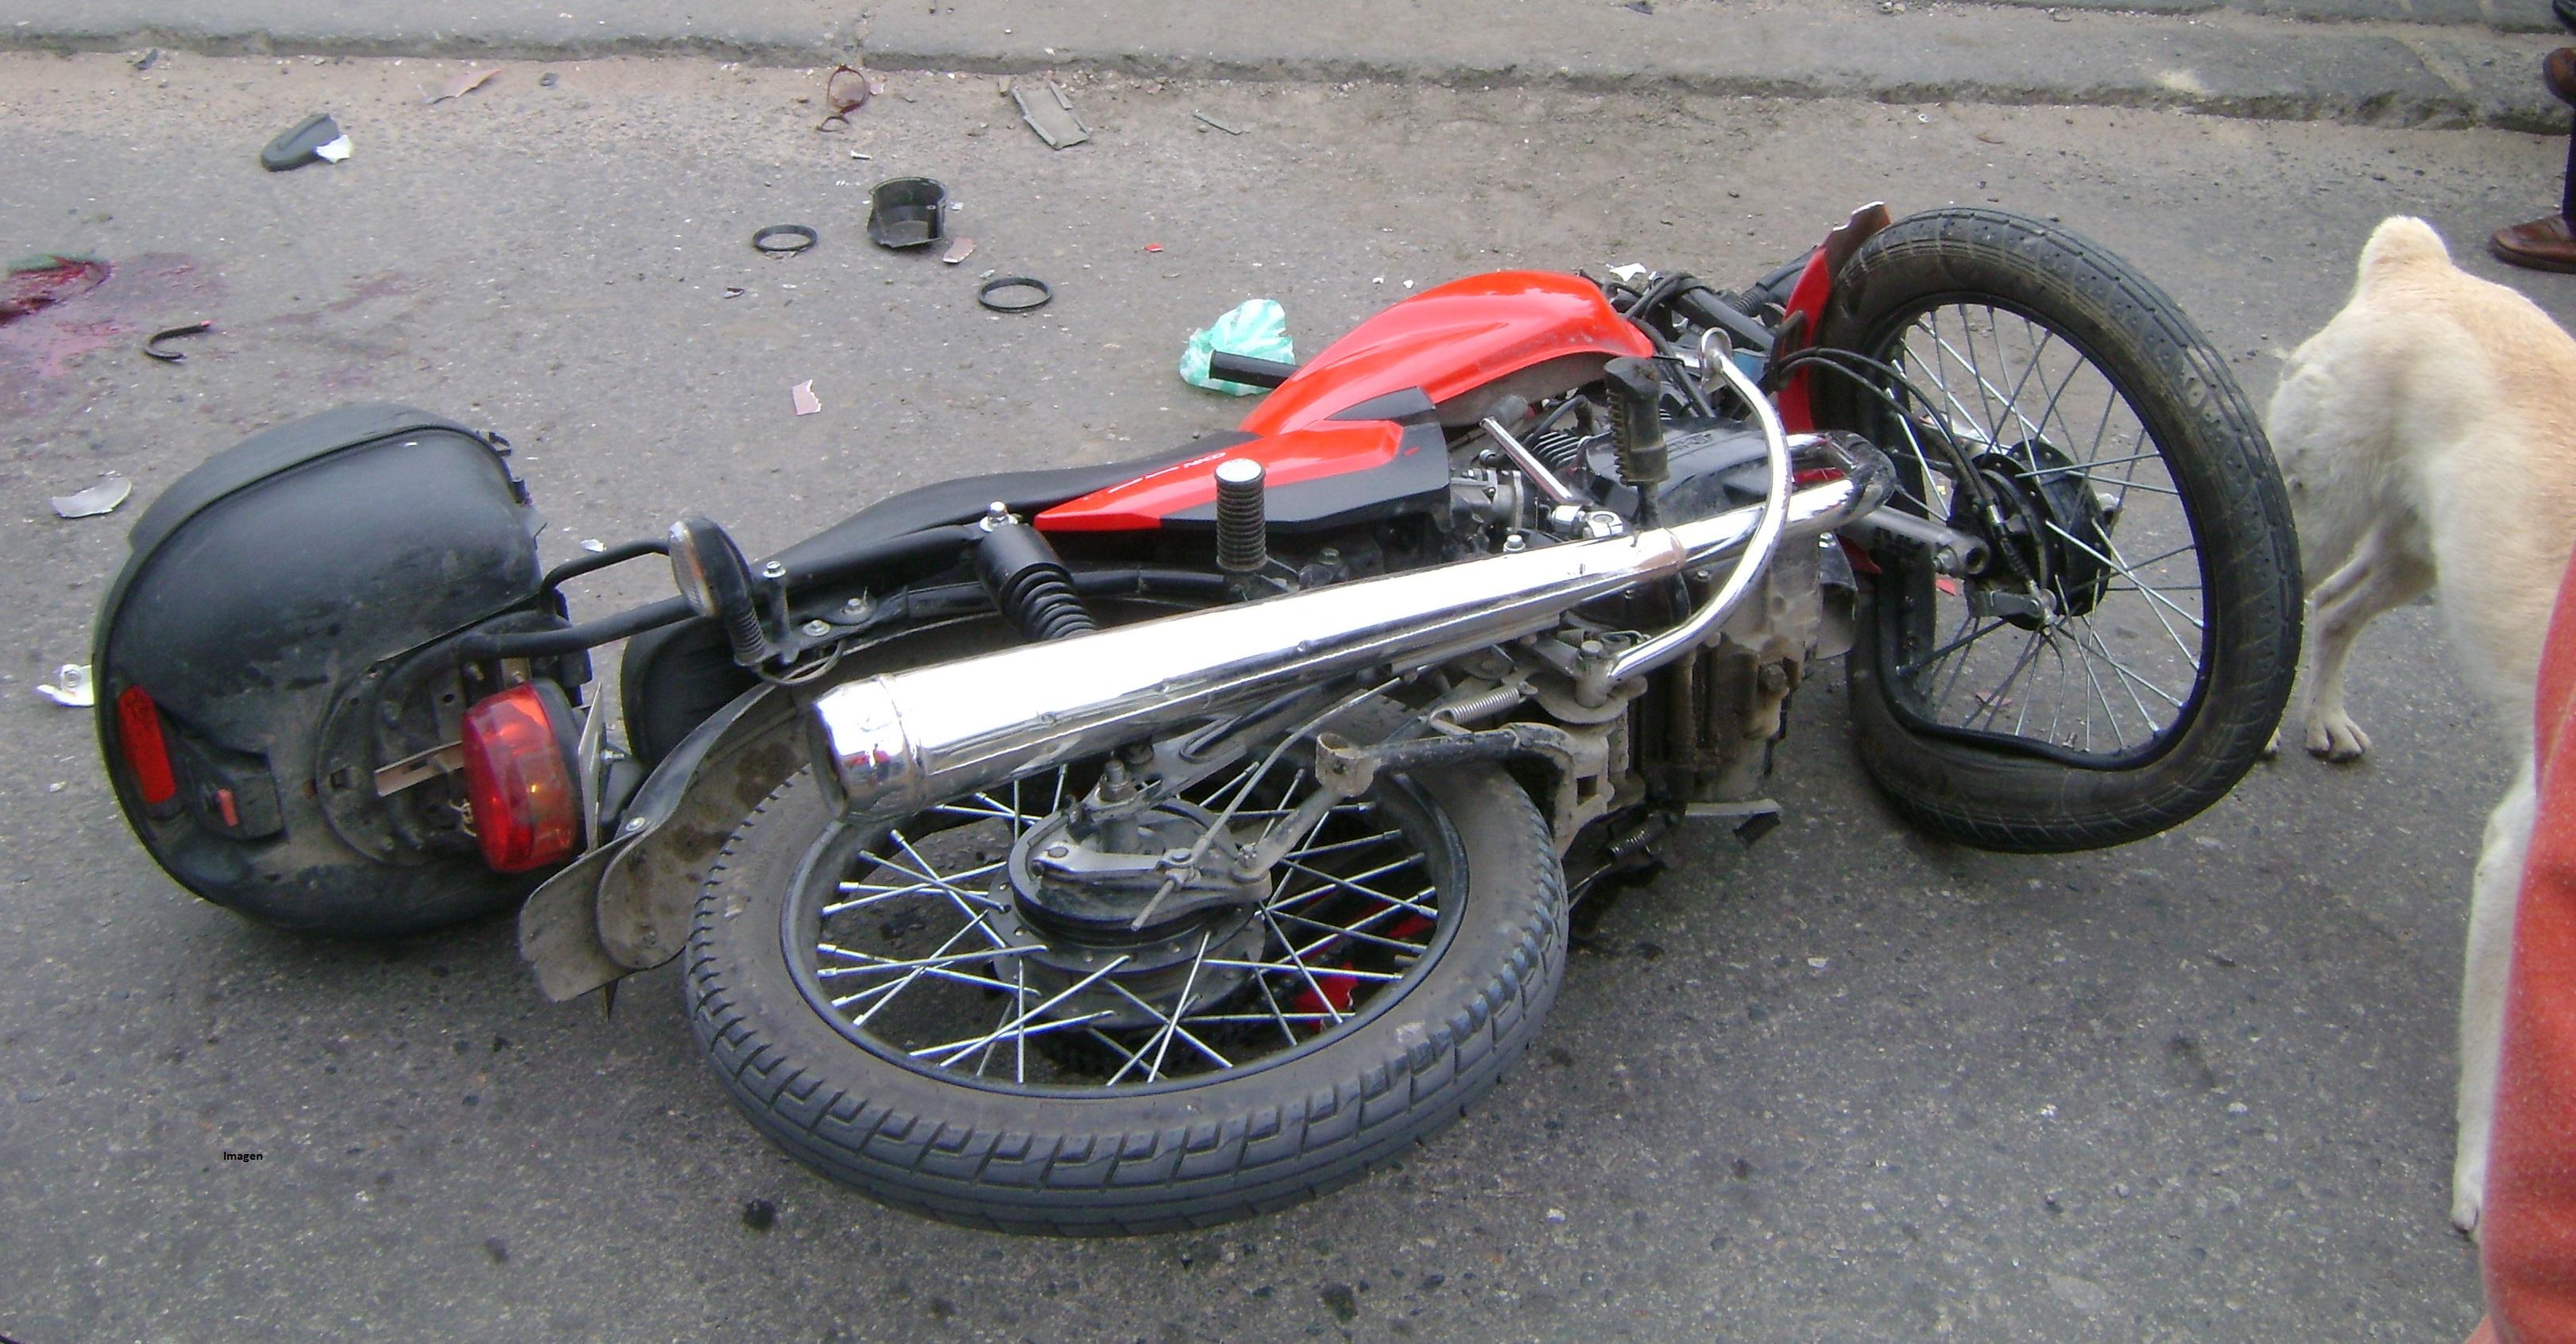 En San José, un motociclista despistó y fue hospitalizado en grave estado